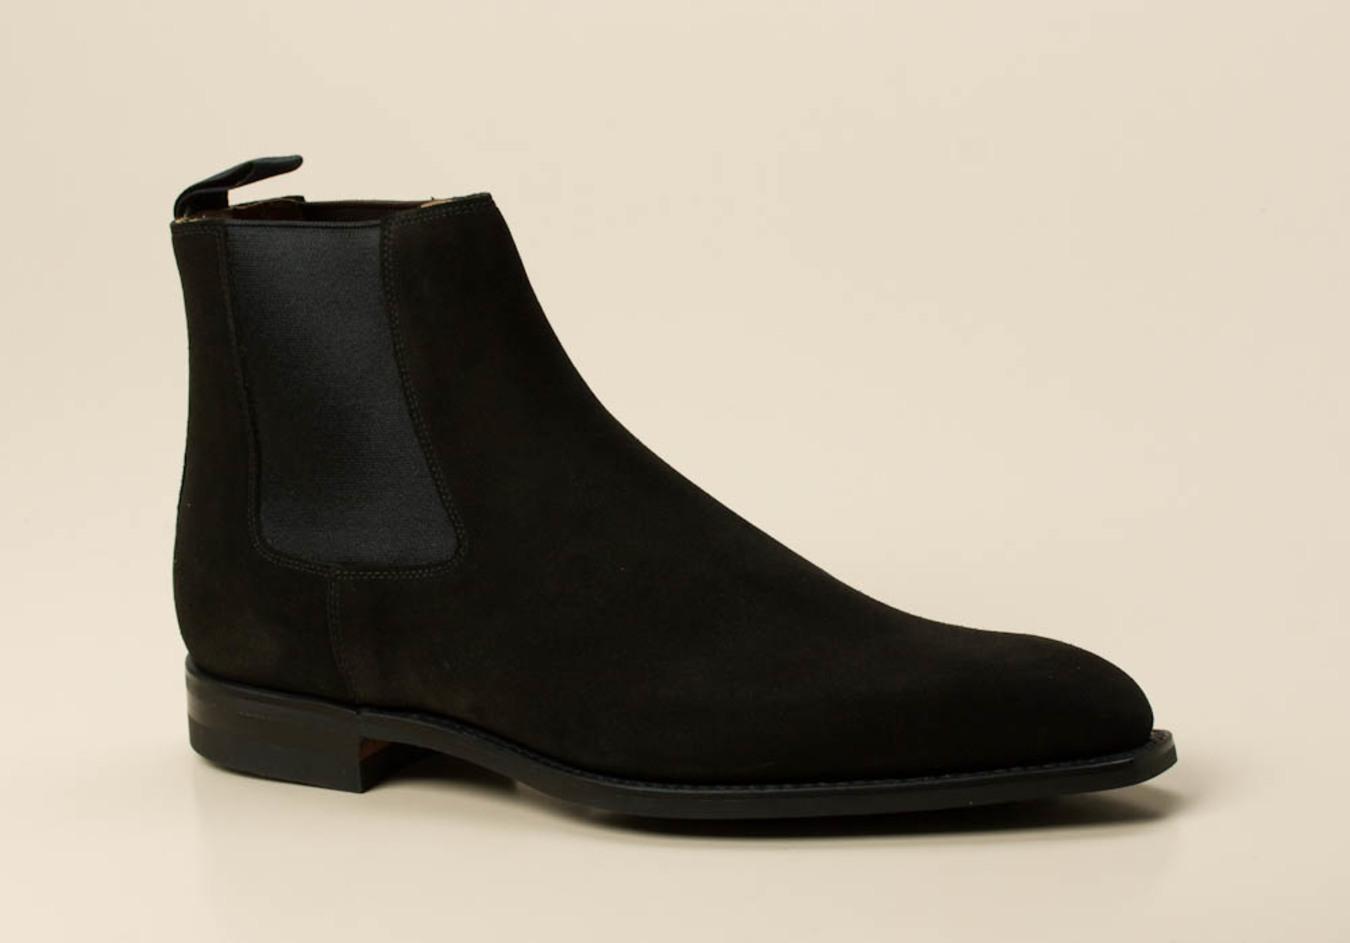 hochwertige chelsea boots herren